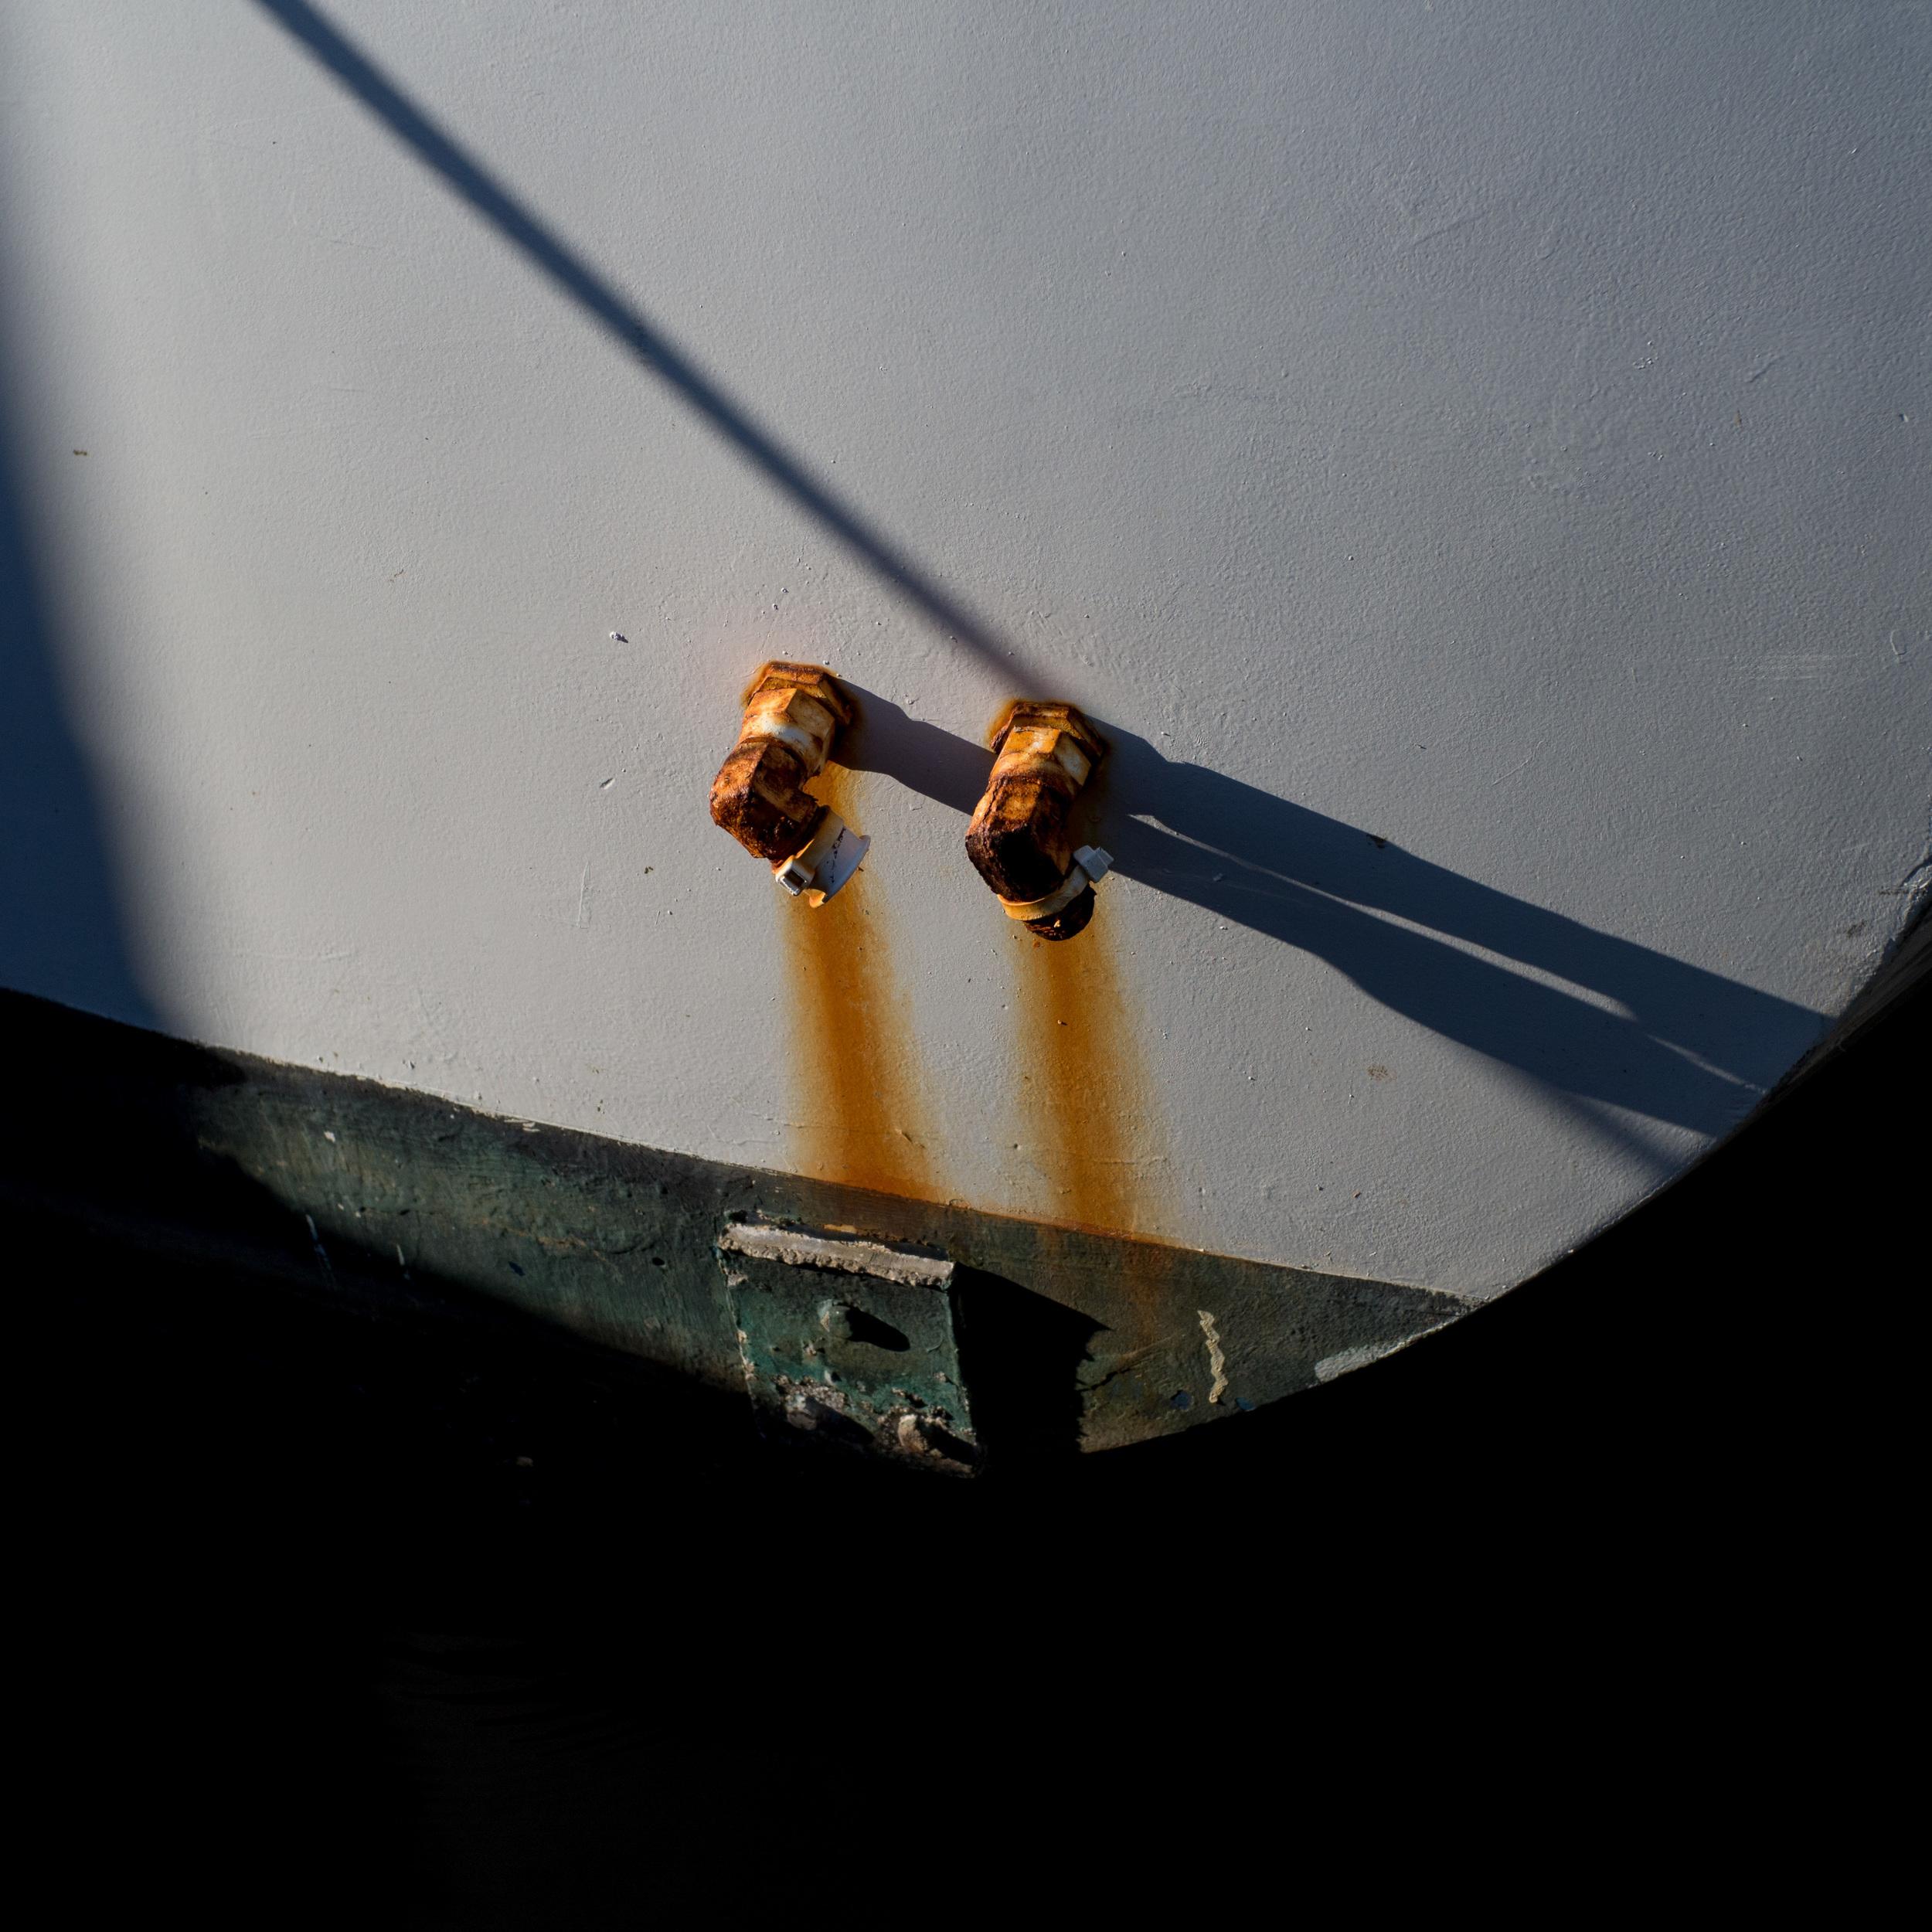 Rust - Olympus OM-D, Voigtlander Nokton 35mm - ISO 400, f/4.0, 1/2000sec